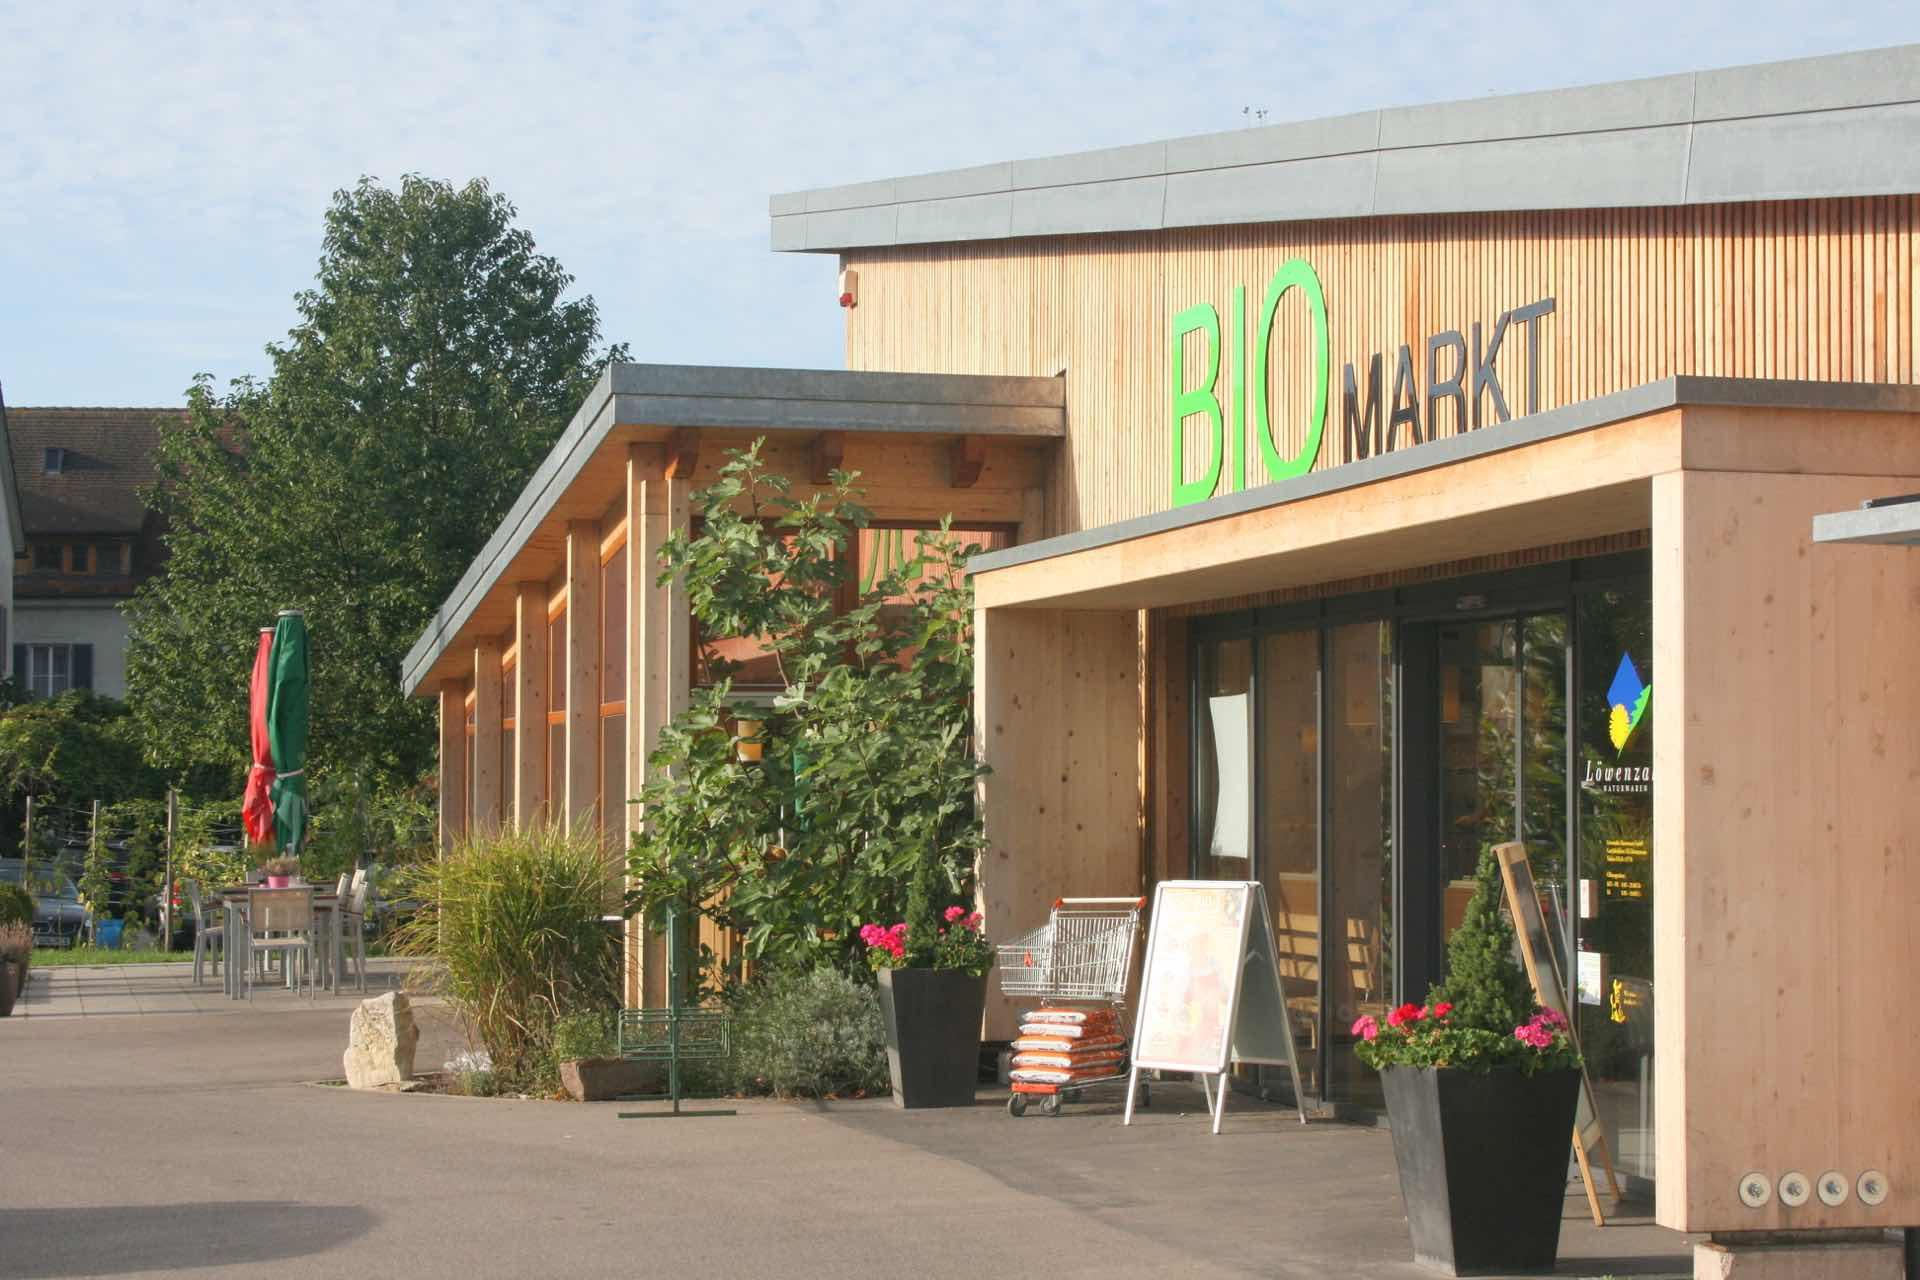 Img - Biomarkt Löwenzahn, Müllheim